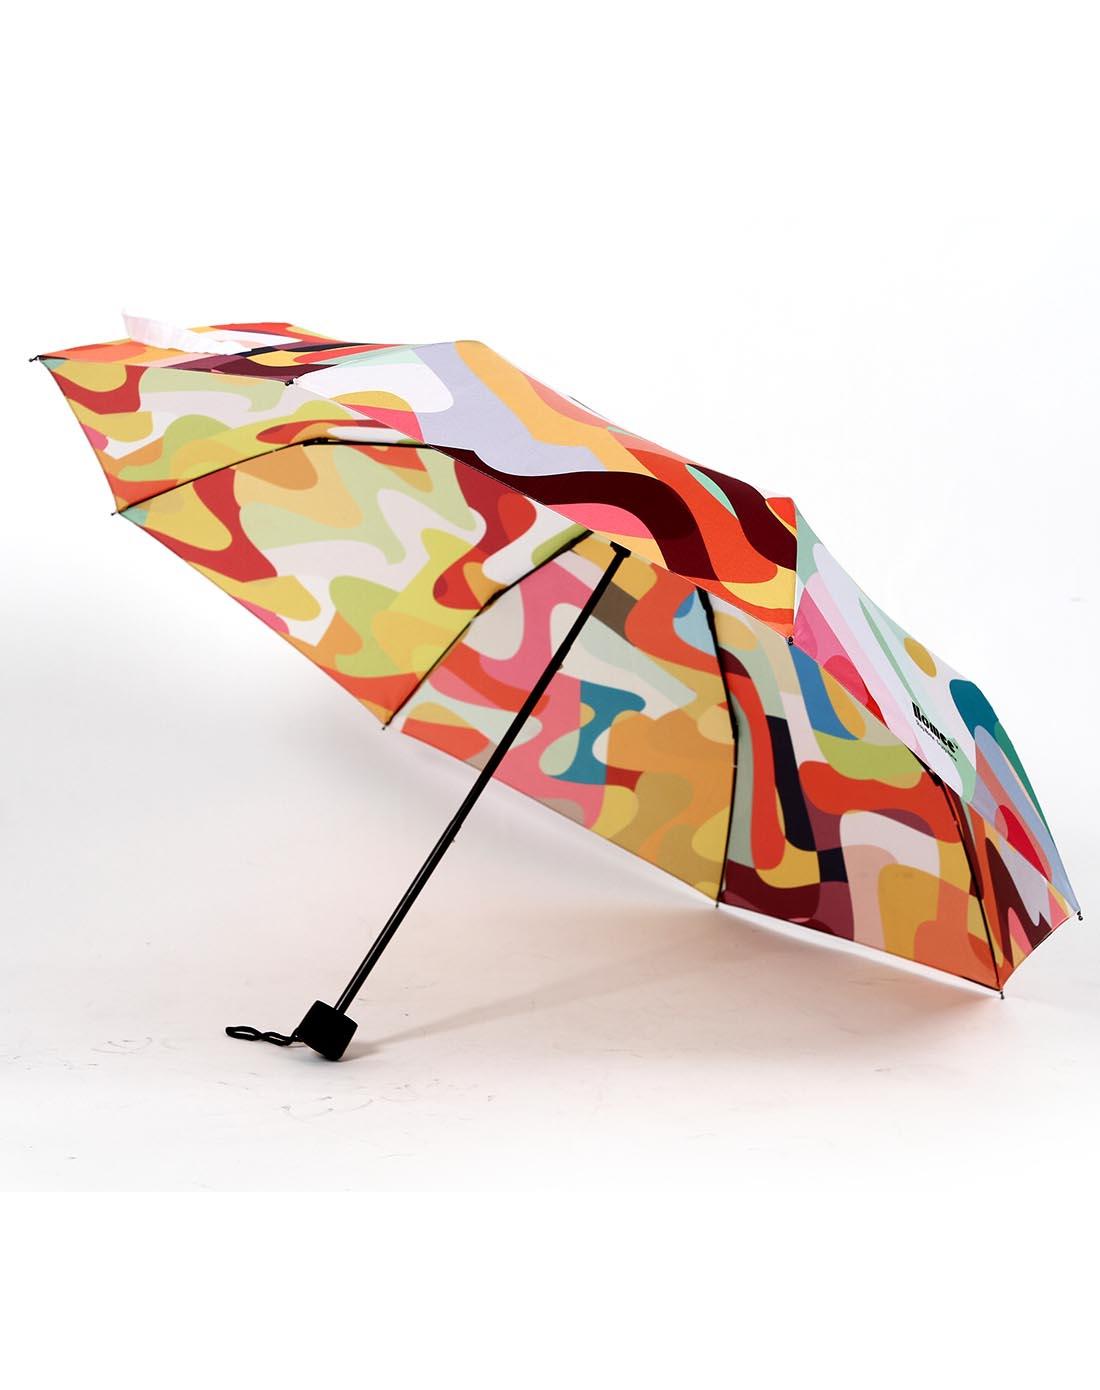 倒影创意图案三折雨伞